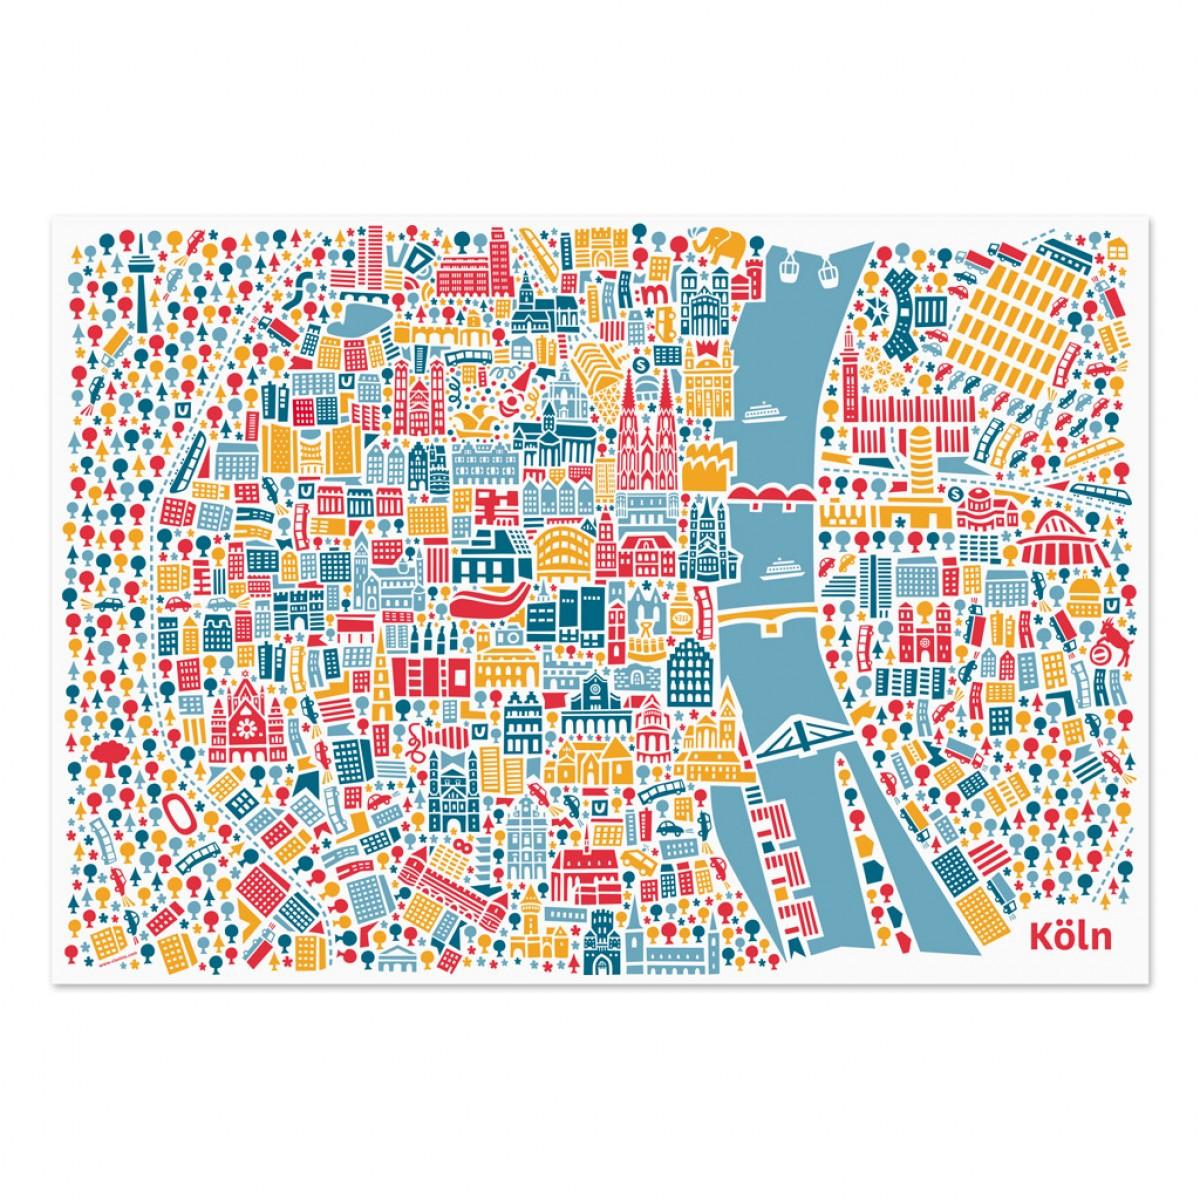 Vianina Köln Poster 100 x 70